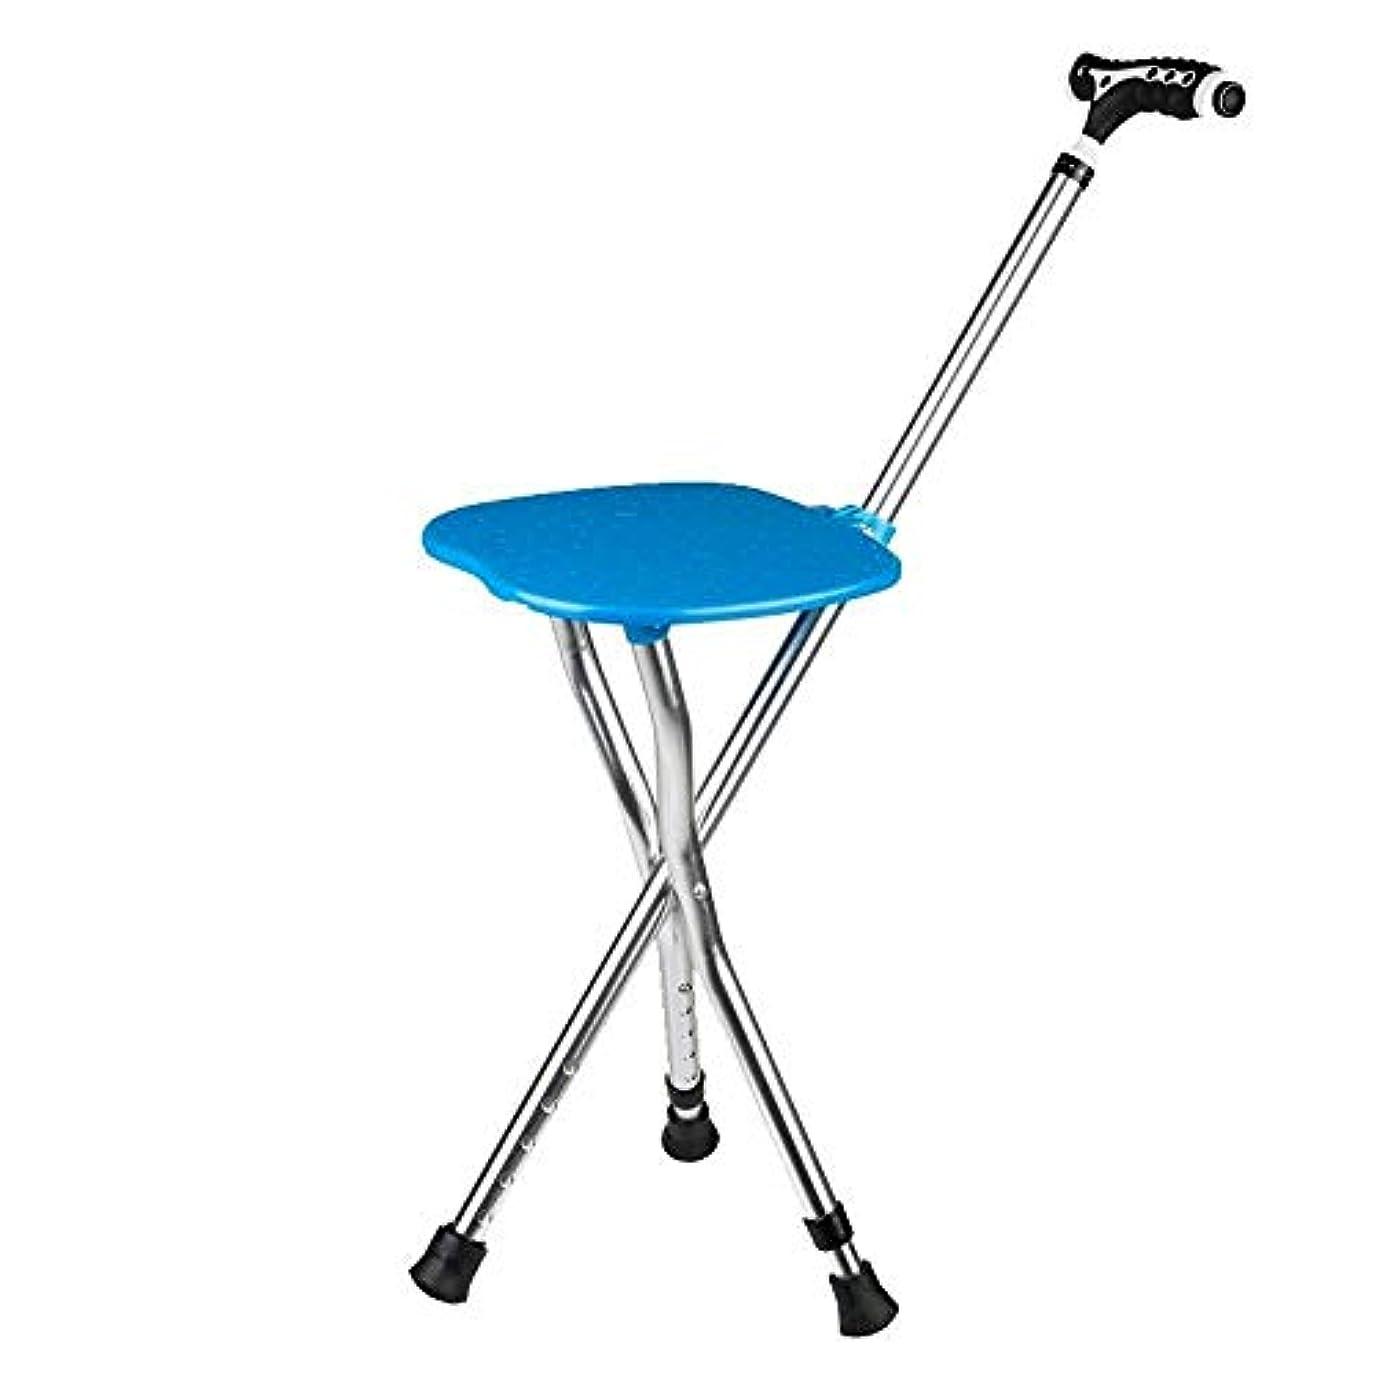 プレーヤーブラウザ交流する調節可能な伸縮式ステッキ、折りたたみ式ステッキ補助三脚、内蔵LEDライト付き厚手アルミ合金ステッキスツール、非常に調節可能な松葉杖チェア - 3脚用ステッキ杖 (Color : 青)